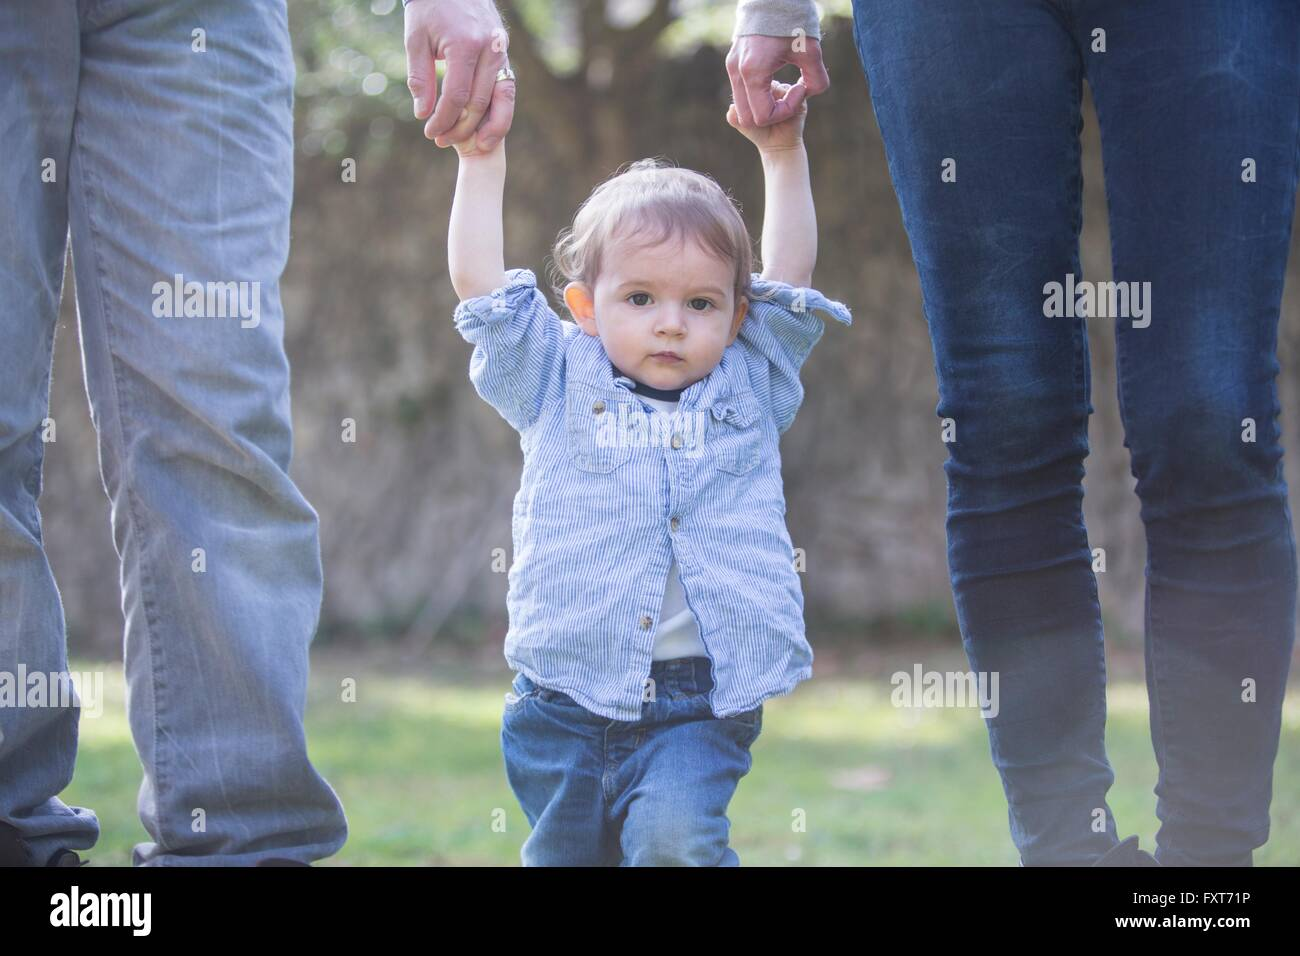 La section basse de parents holding baby boys mains Photo Stock